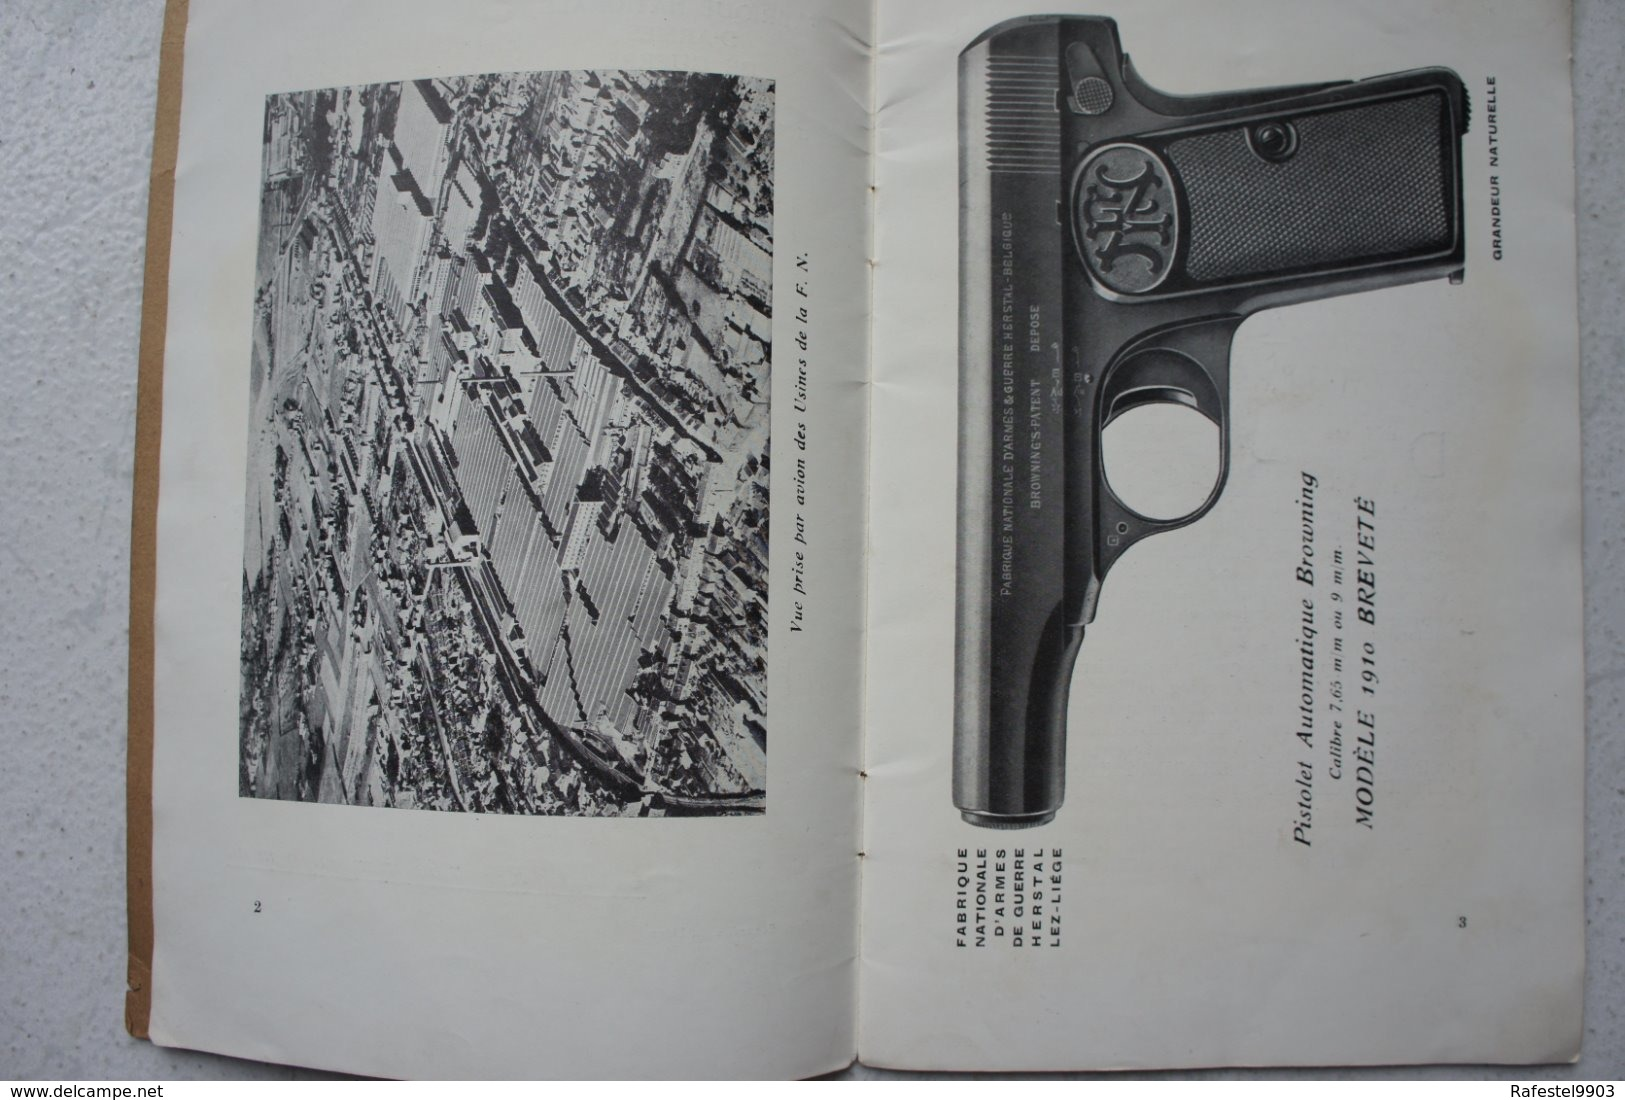 Broche Publicité Pistolet BROWNING Automatique Cal 7.65 Mod 1910 FN Herstal Liège Catalogue - Publicités